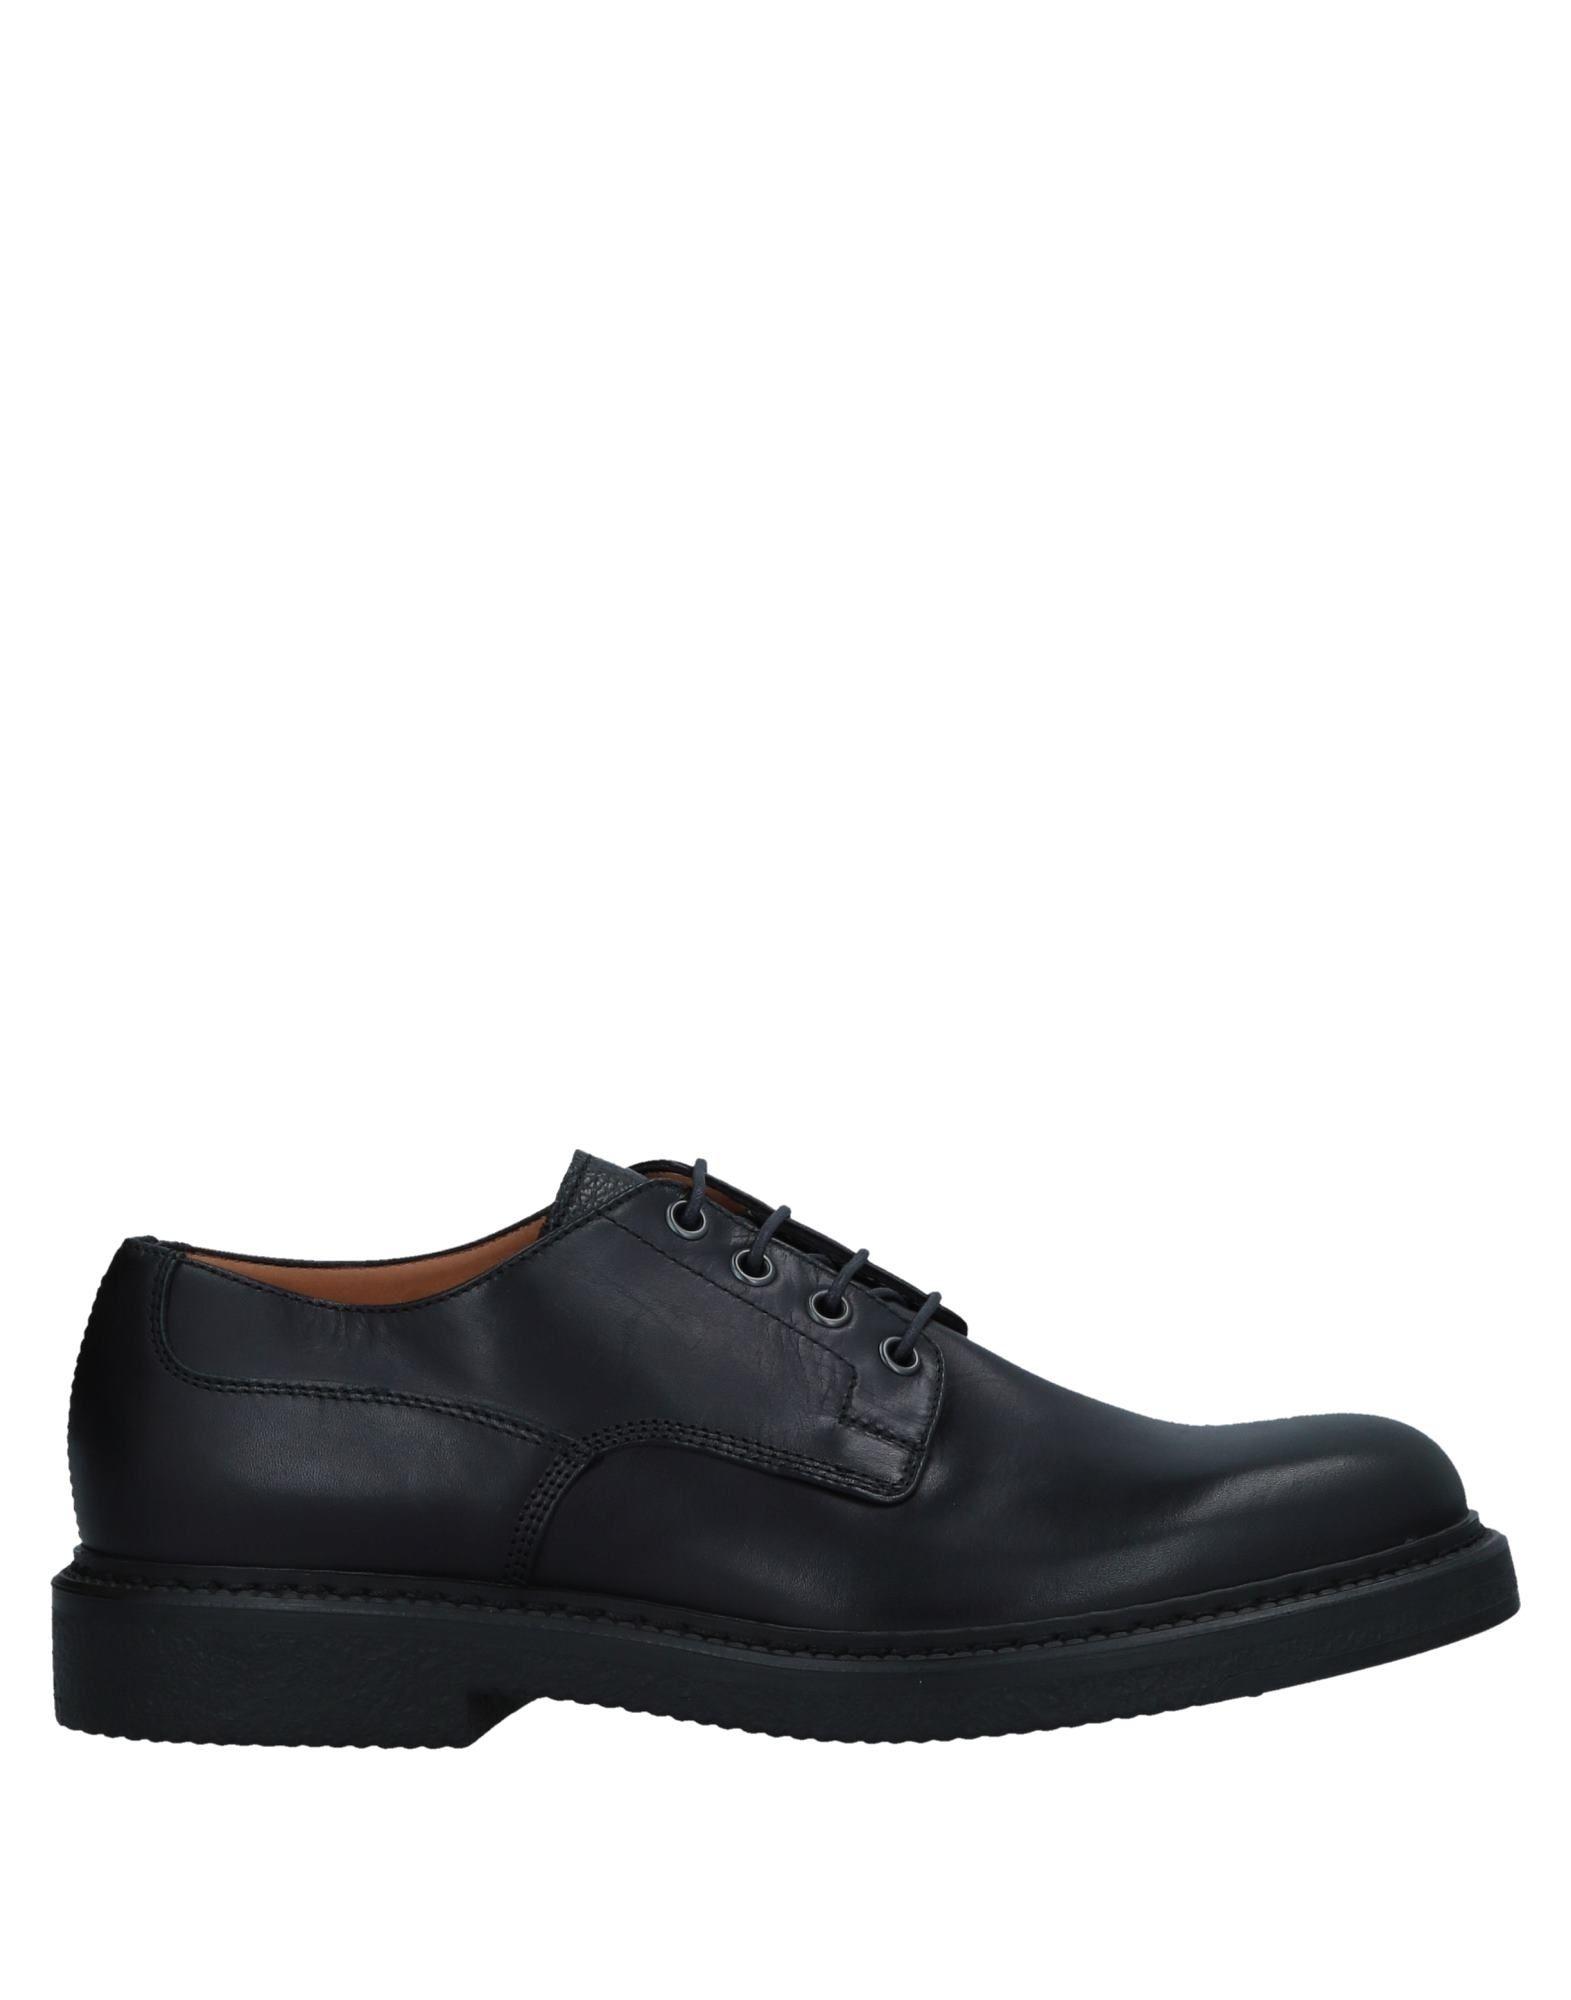 Haltbare Mode billige Schuhe Barracuda Schnürschuhe Herren  11532231SN Heiße Schuhe